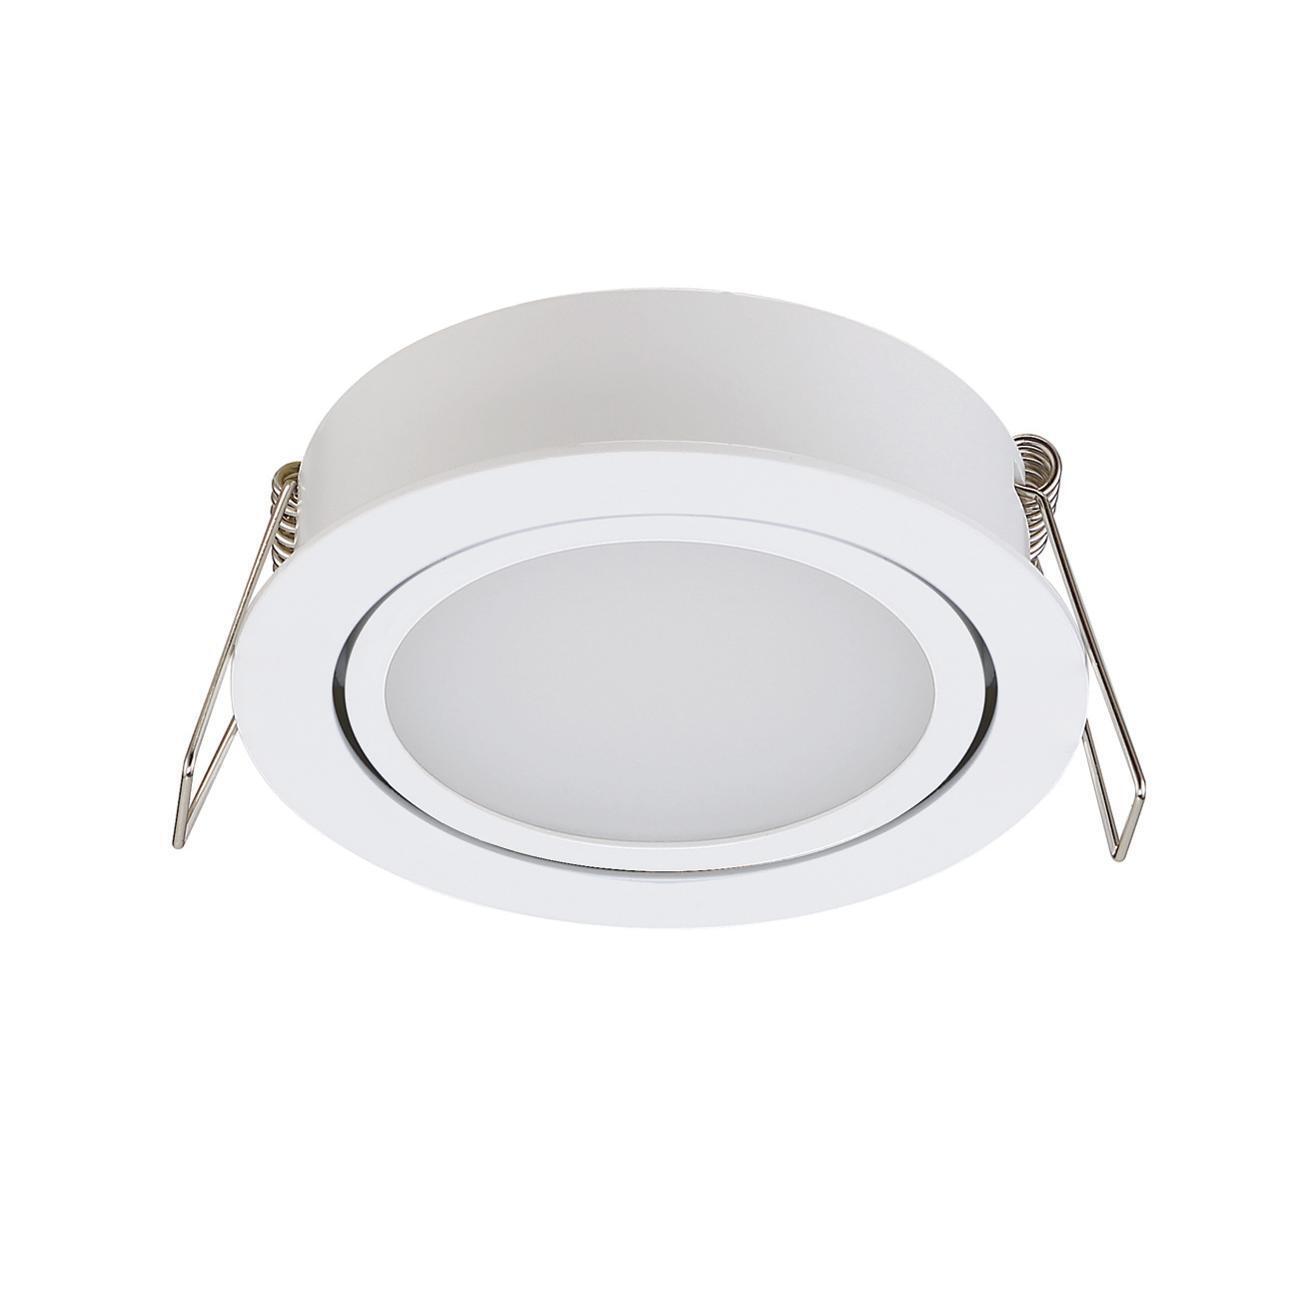 Faretto orientabile da incasso tondo Lindi in Alluminio bianco, diam. 9 cm LED integrato 500LM IP65 INSPIRE - 11